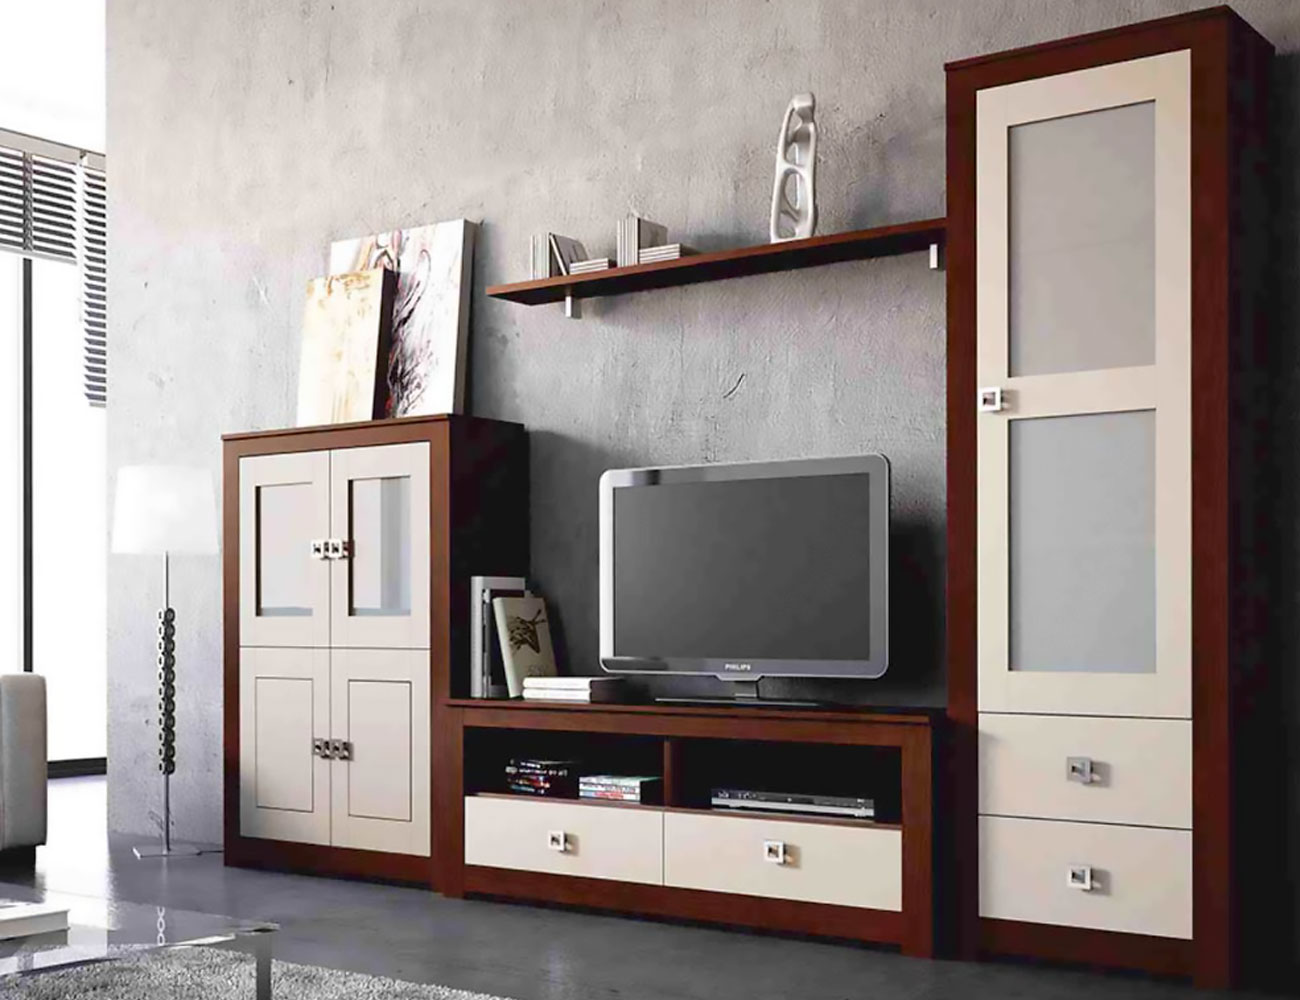 Mueble salon modular  nogal piedra madera dm2